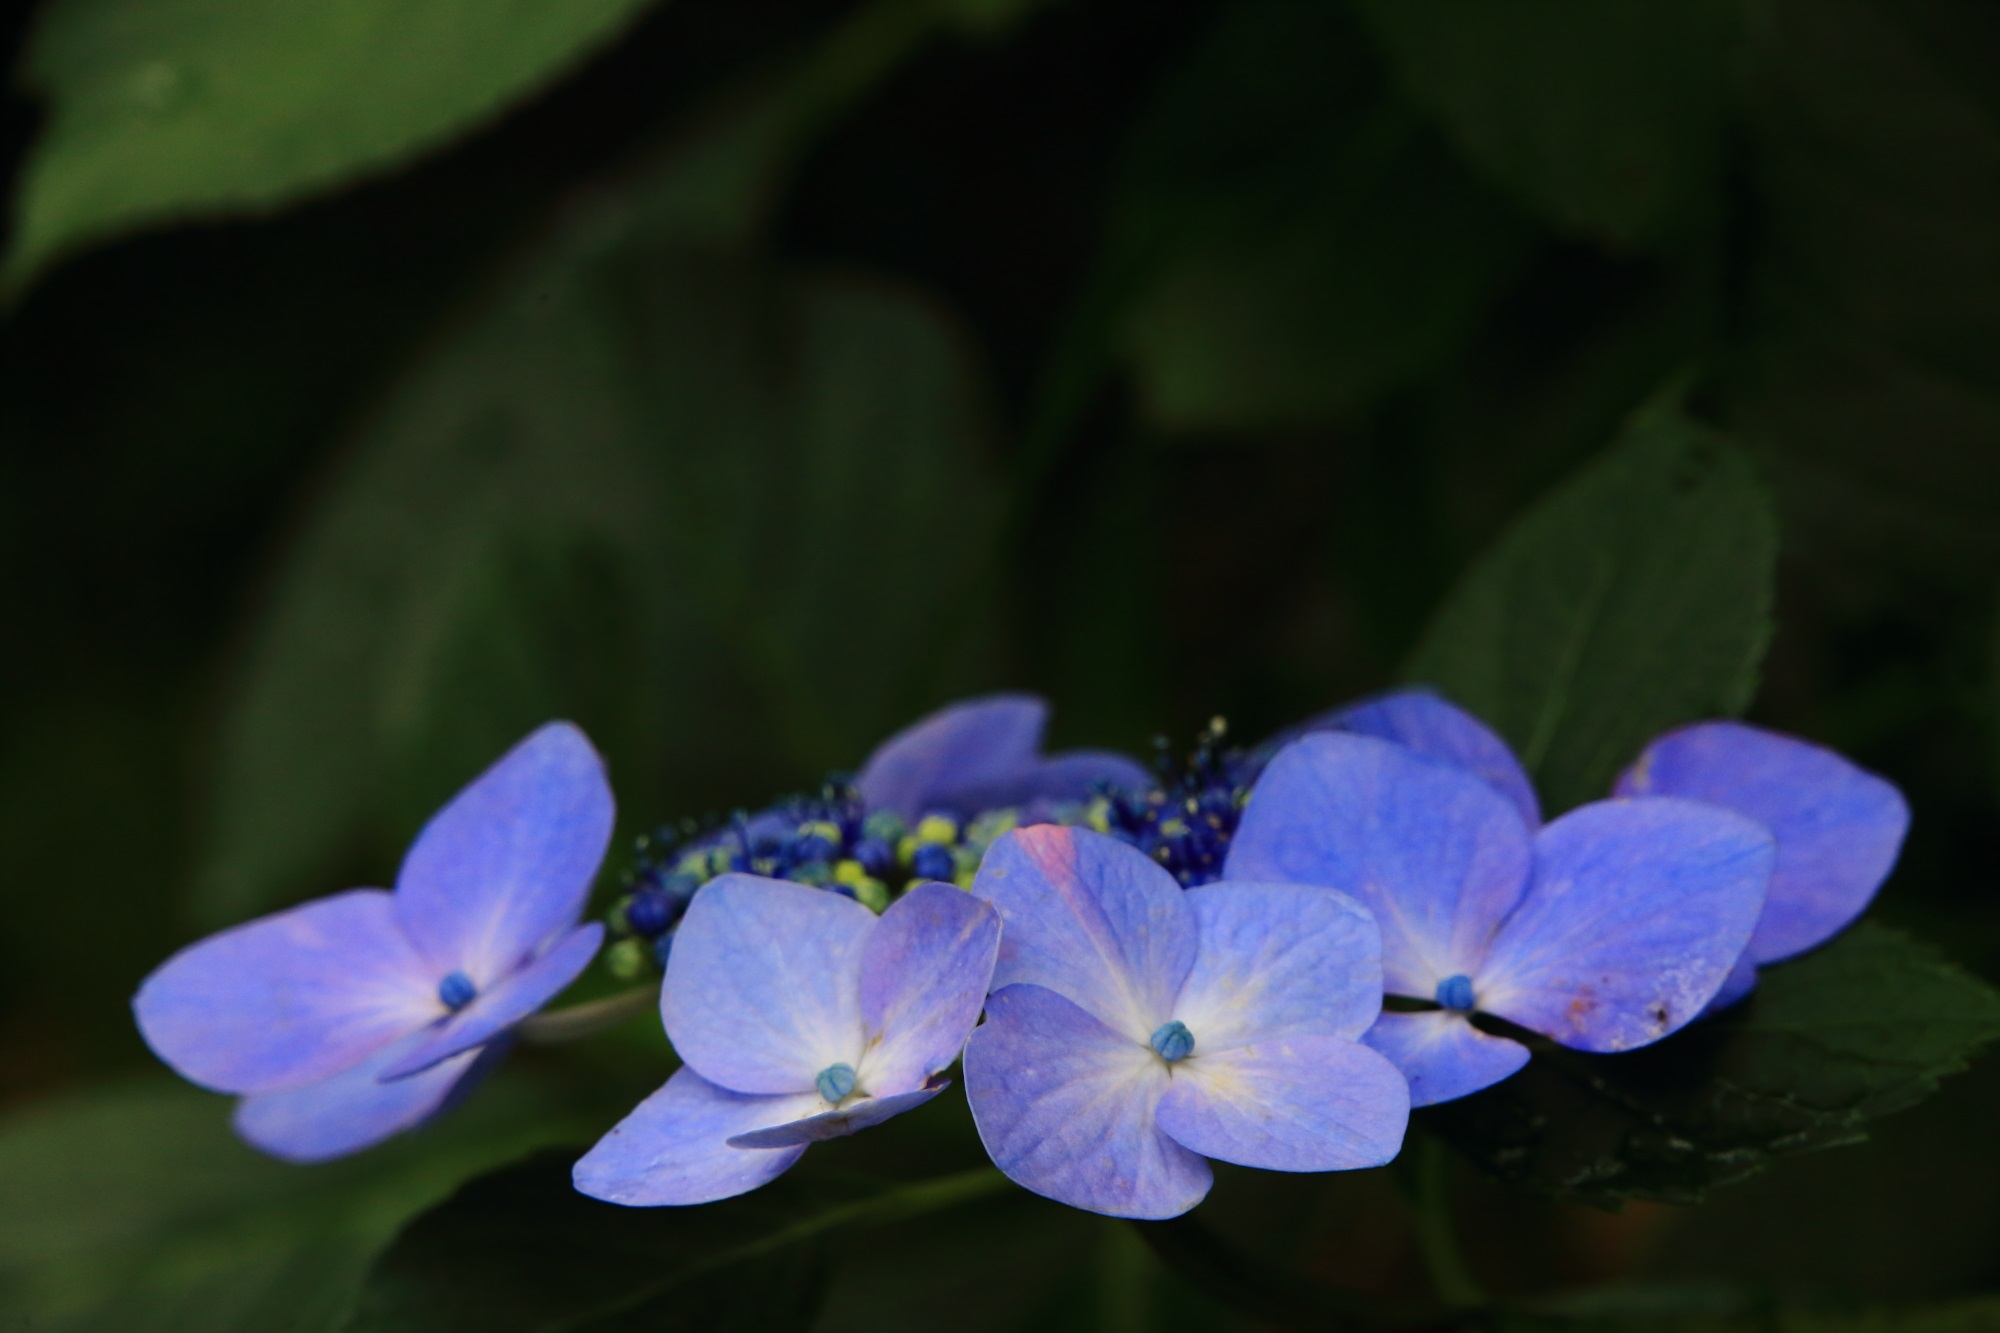 丹州観音寺の独特の青色をした額紫陽花